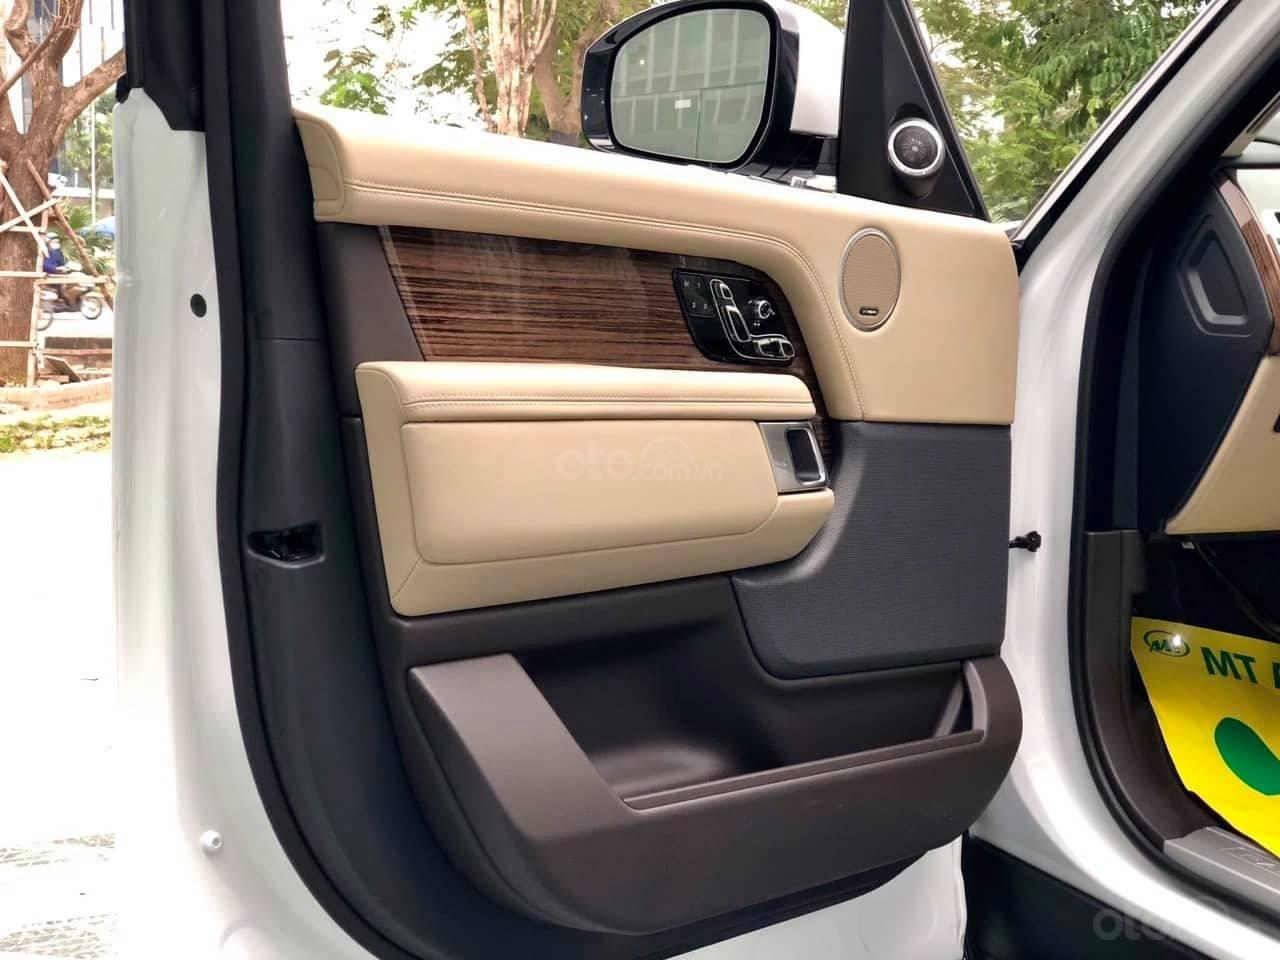 Bán LandRover Range Rover HSE 3.0 2018, màu trắng, nhập khẩu Mỹ - LH: 0982.84.2838-11